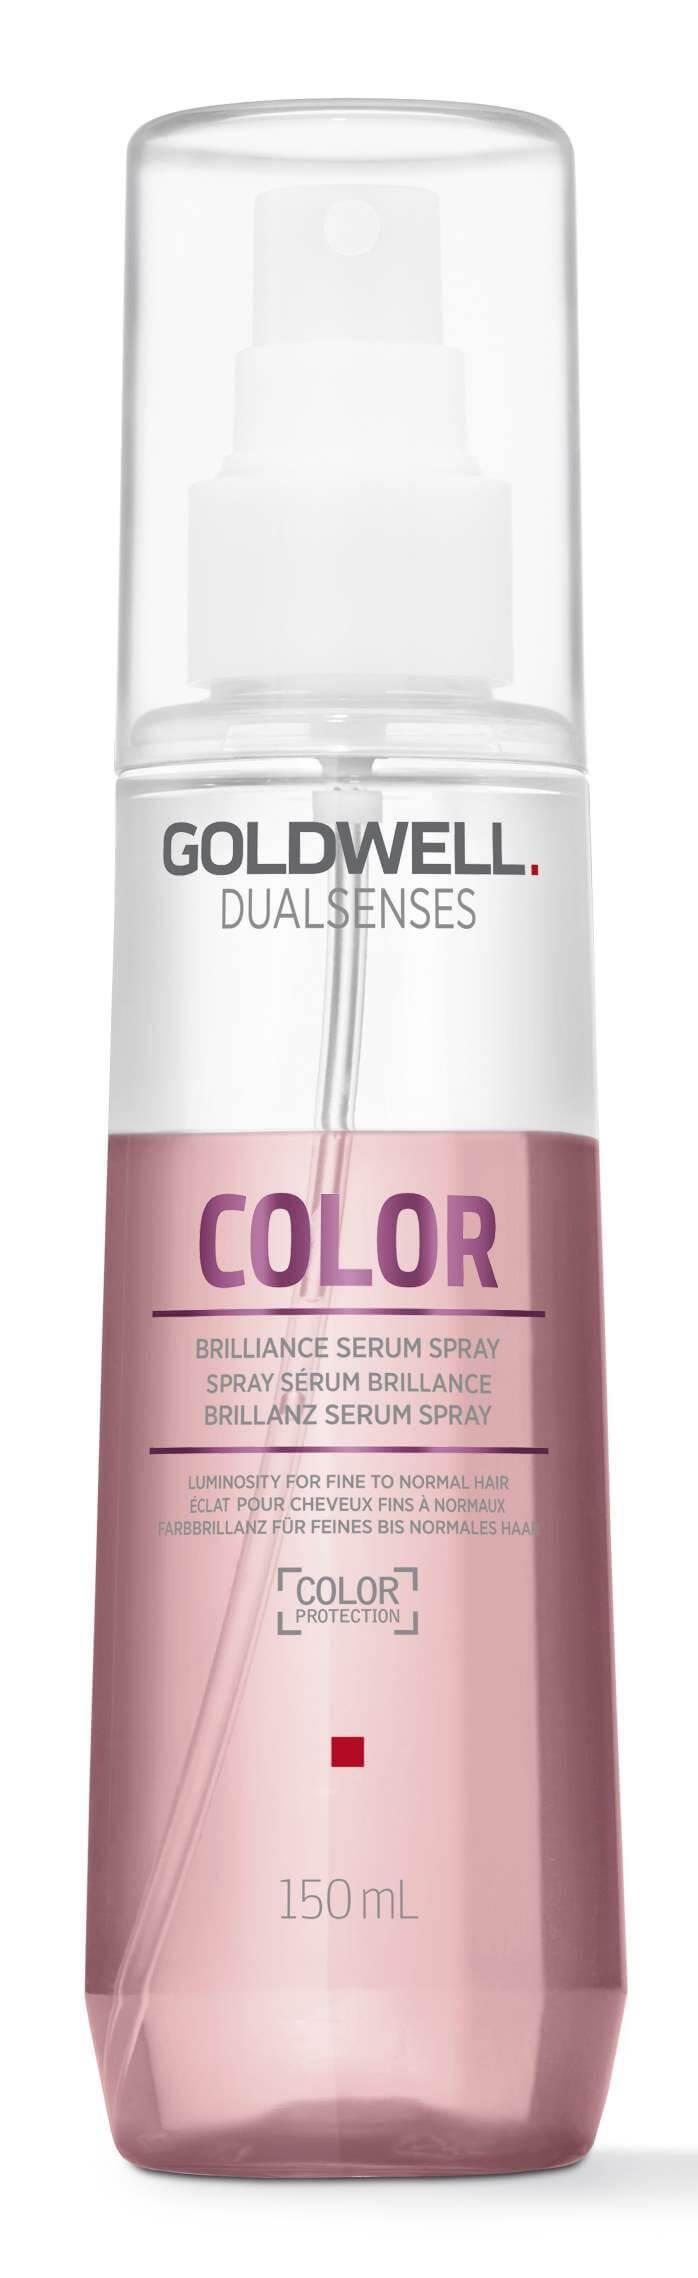 Dualsenses Color Brilliance Serum Spray.